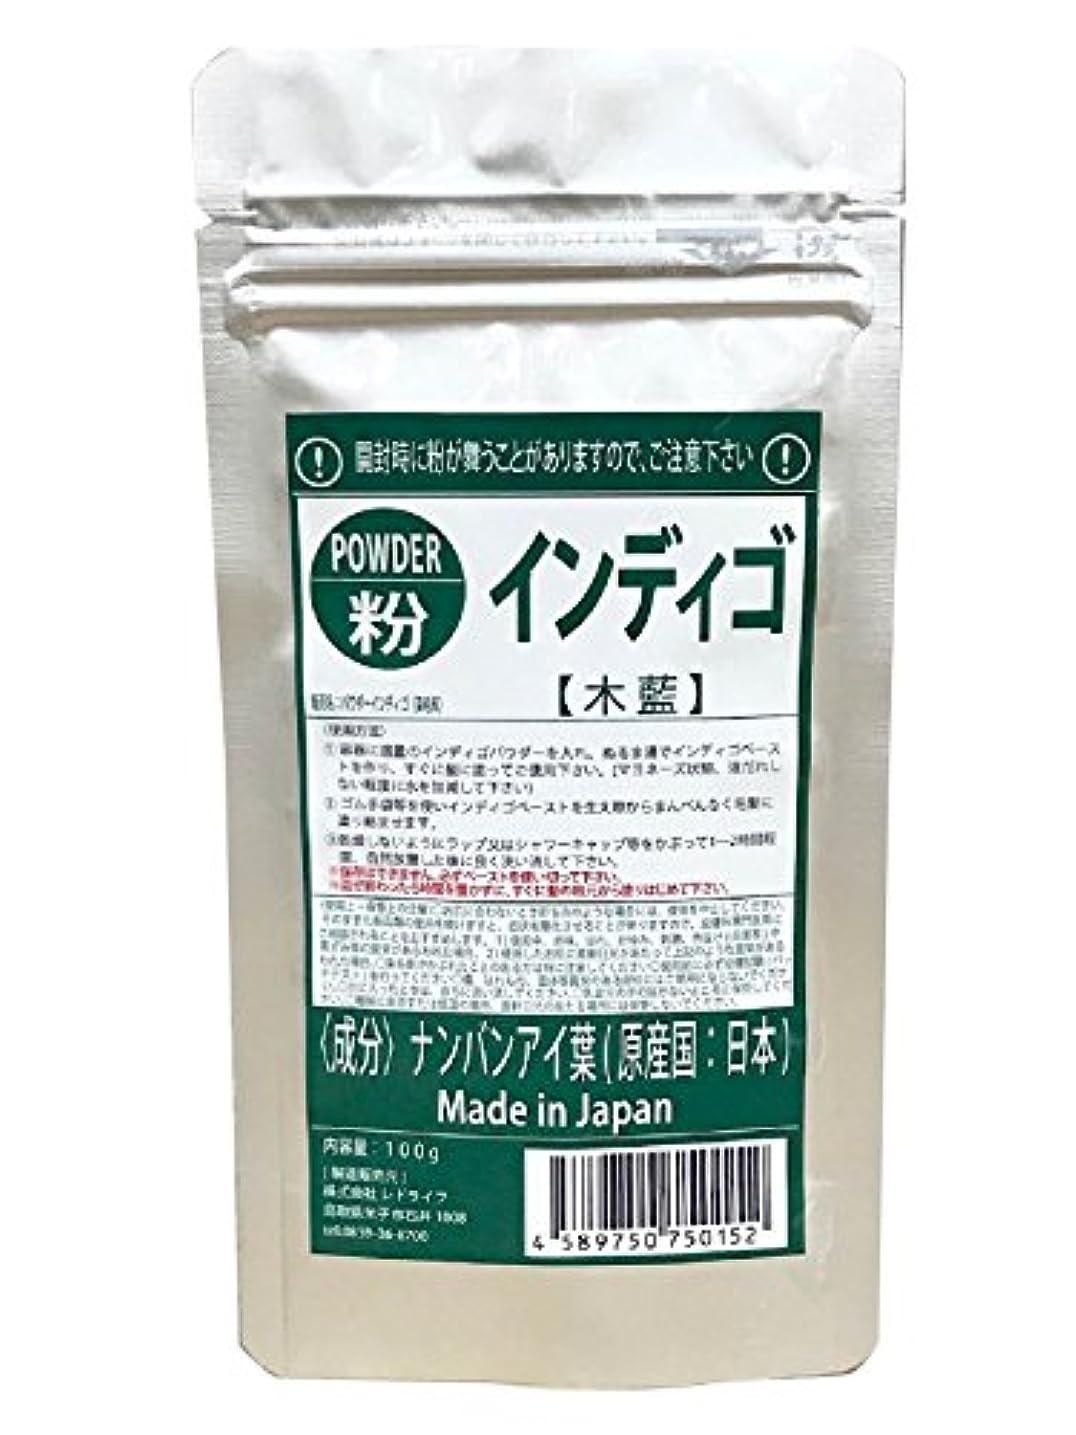 無礼に邪悪な対応するSarajina パウダーインディゴ 木藍 日本国産インディゴ 100g